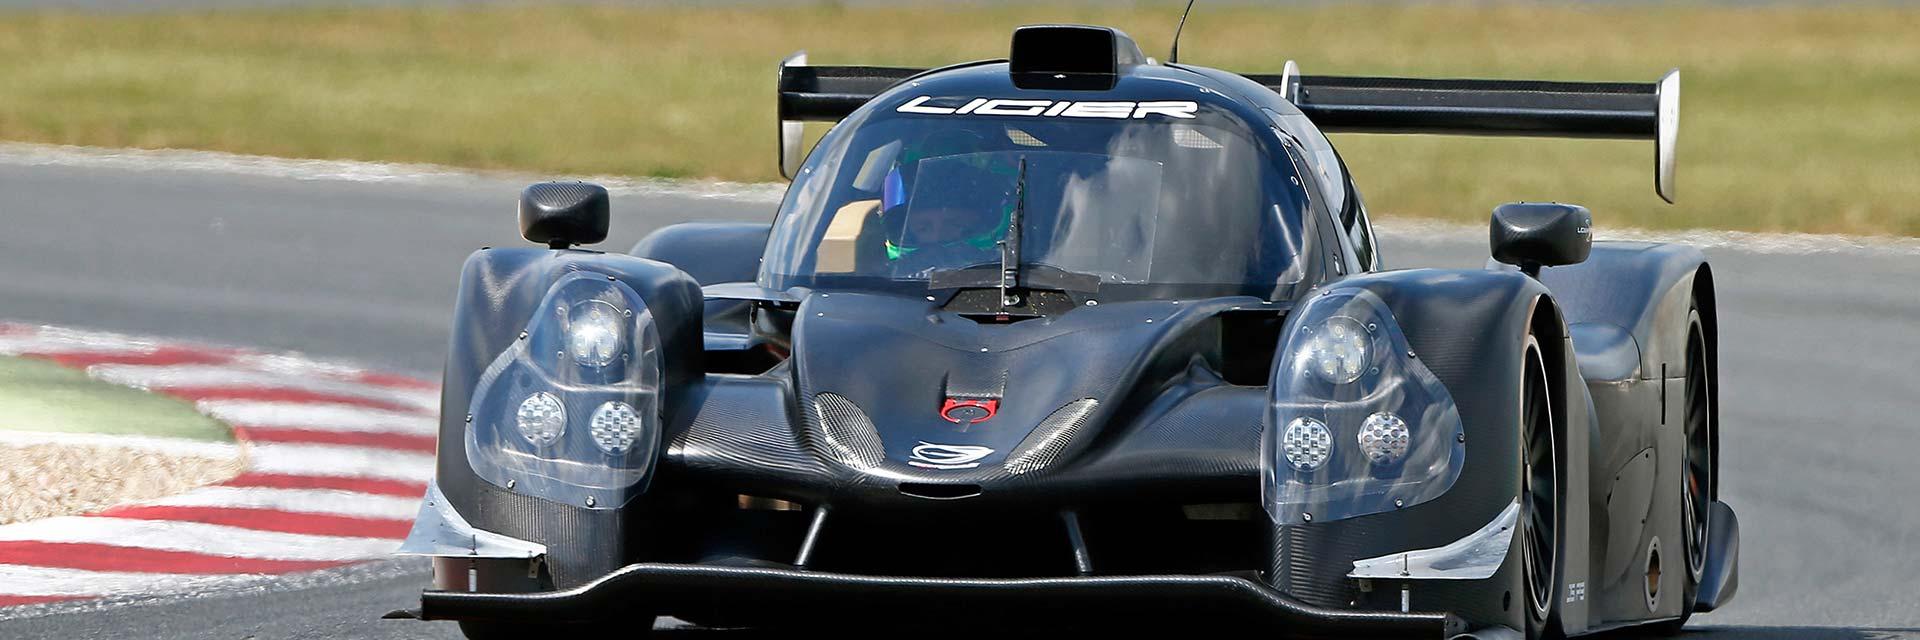 GR Service-Partner - SPV Racing